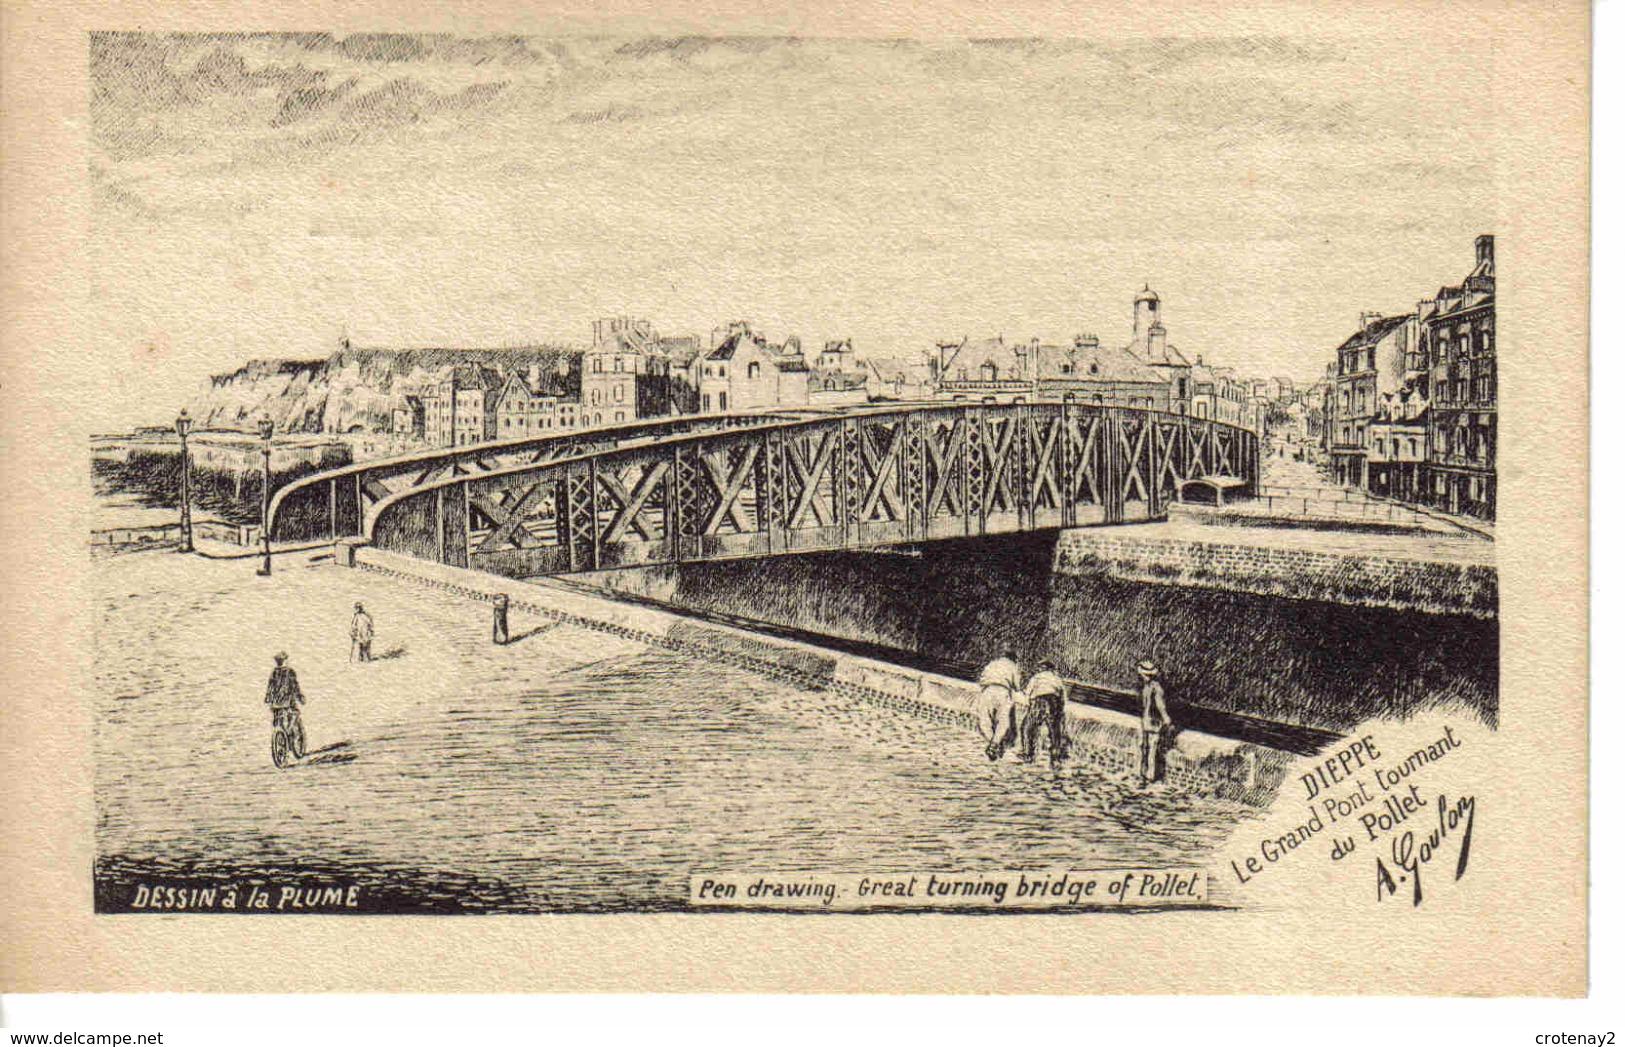 76 Dieppe Le Grand Pont Tournant Du Pollet Dessin à La Plume Illustrateur A. Goulon Dessinateur édit - Dieppe